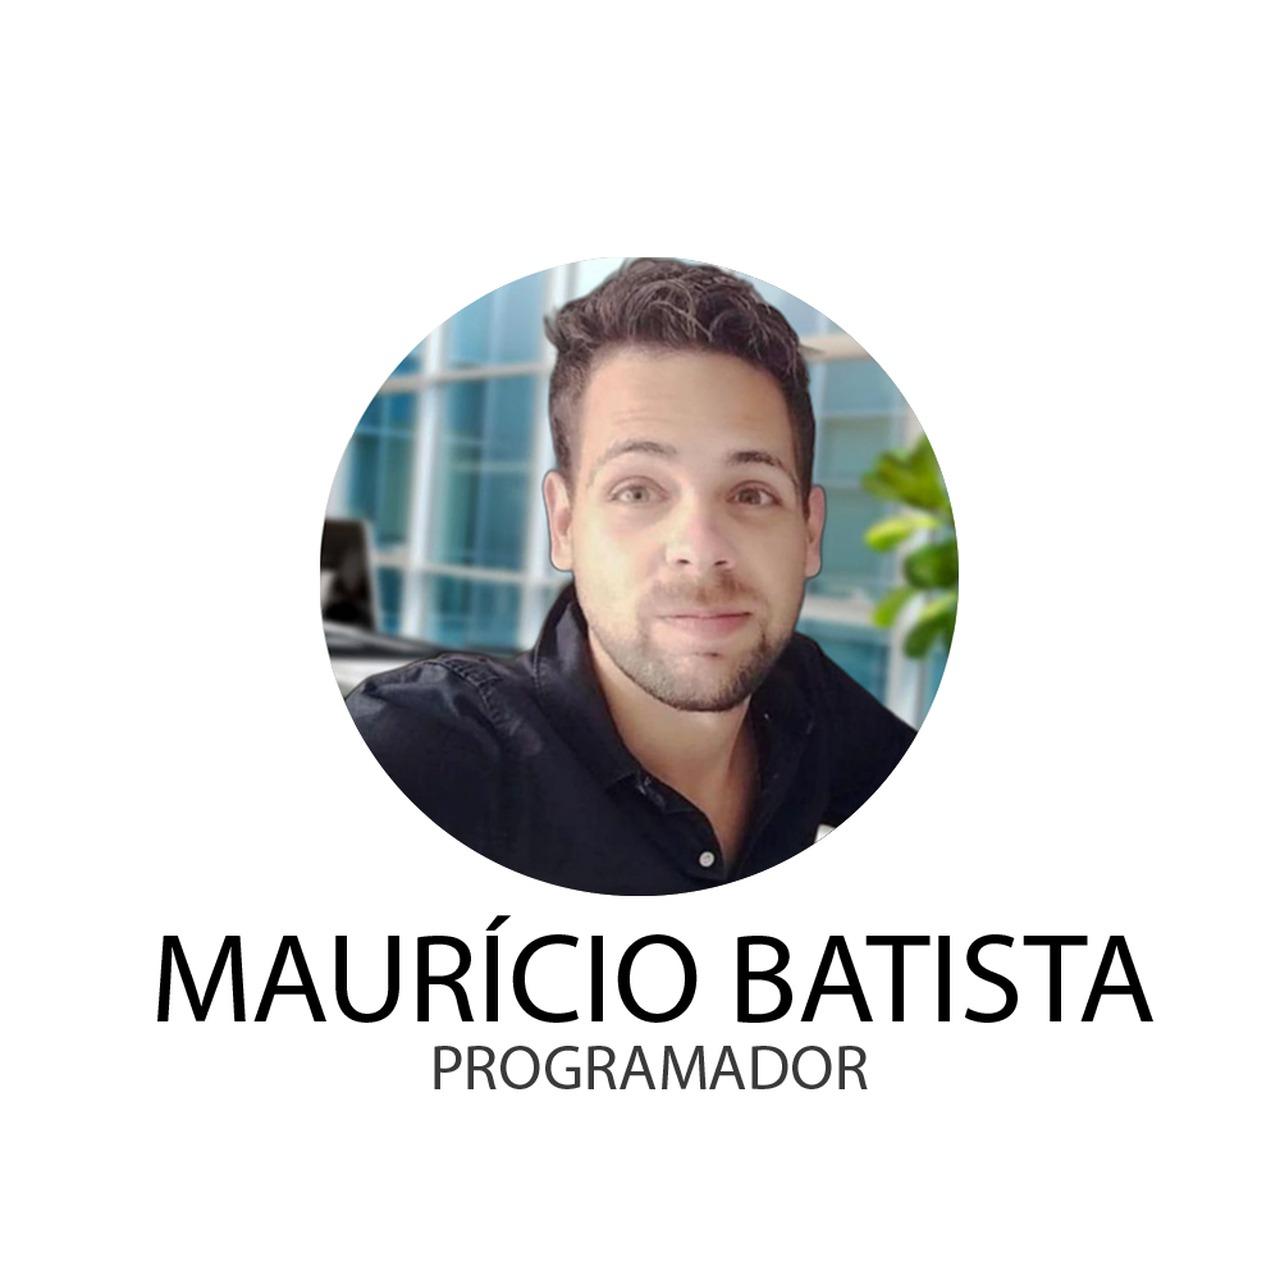 mauricio_Easy-Resize.com